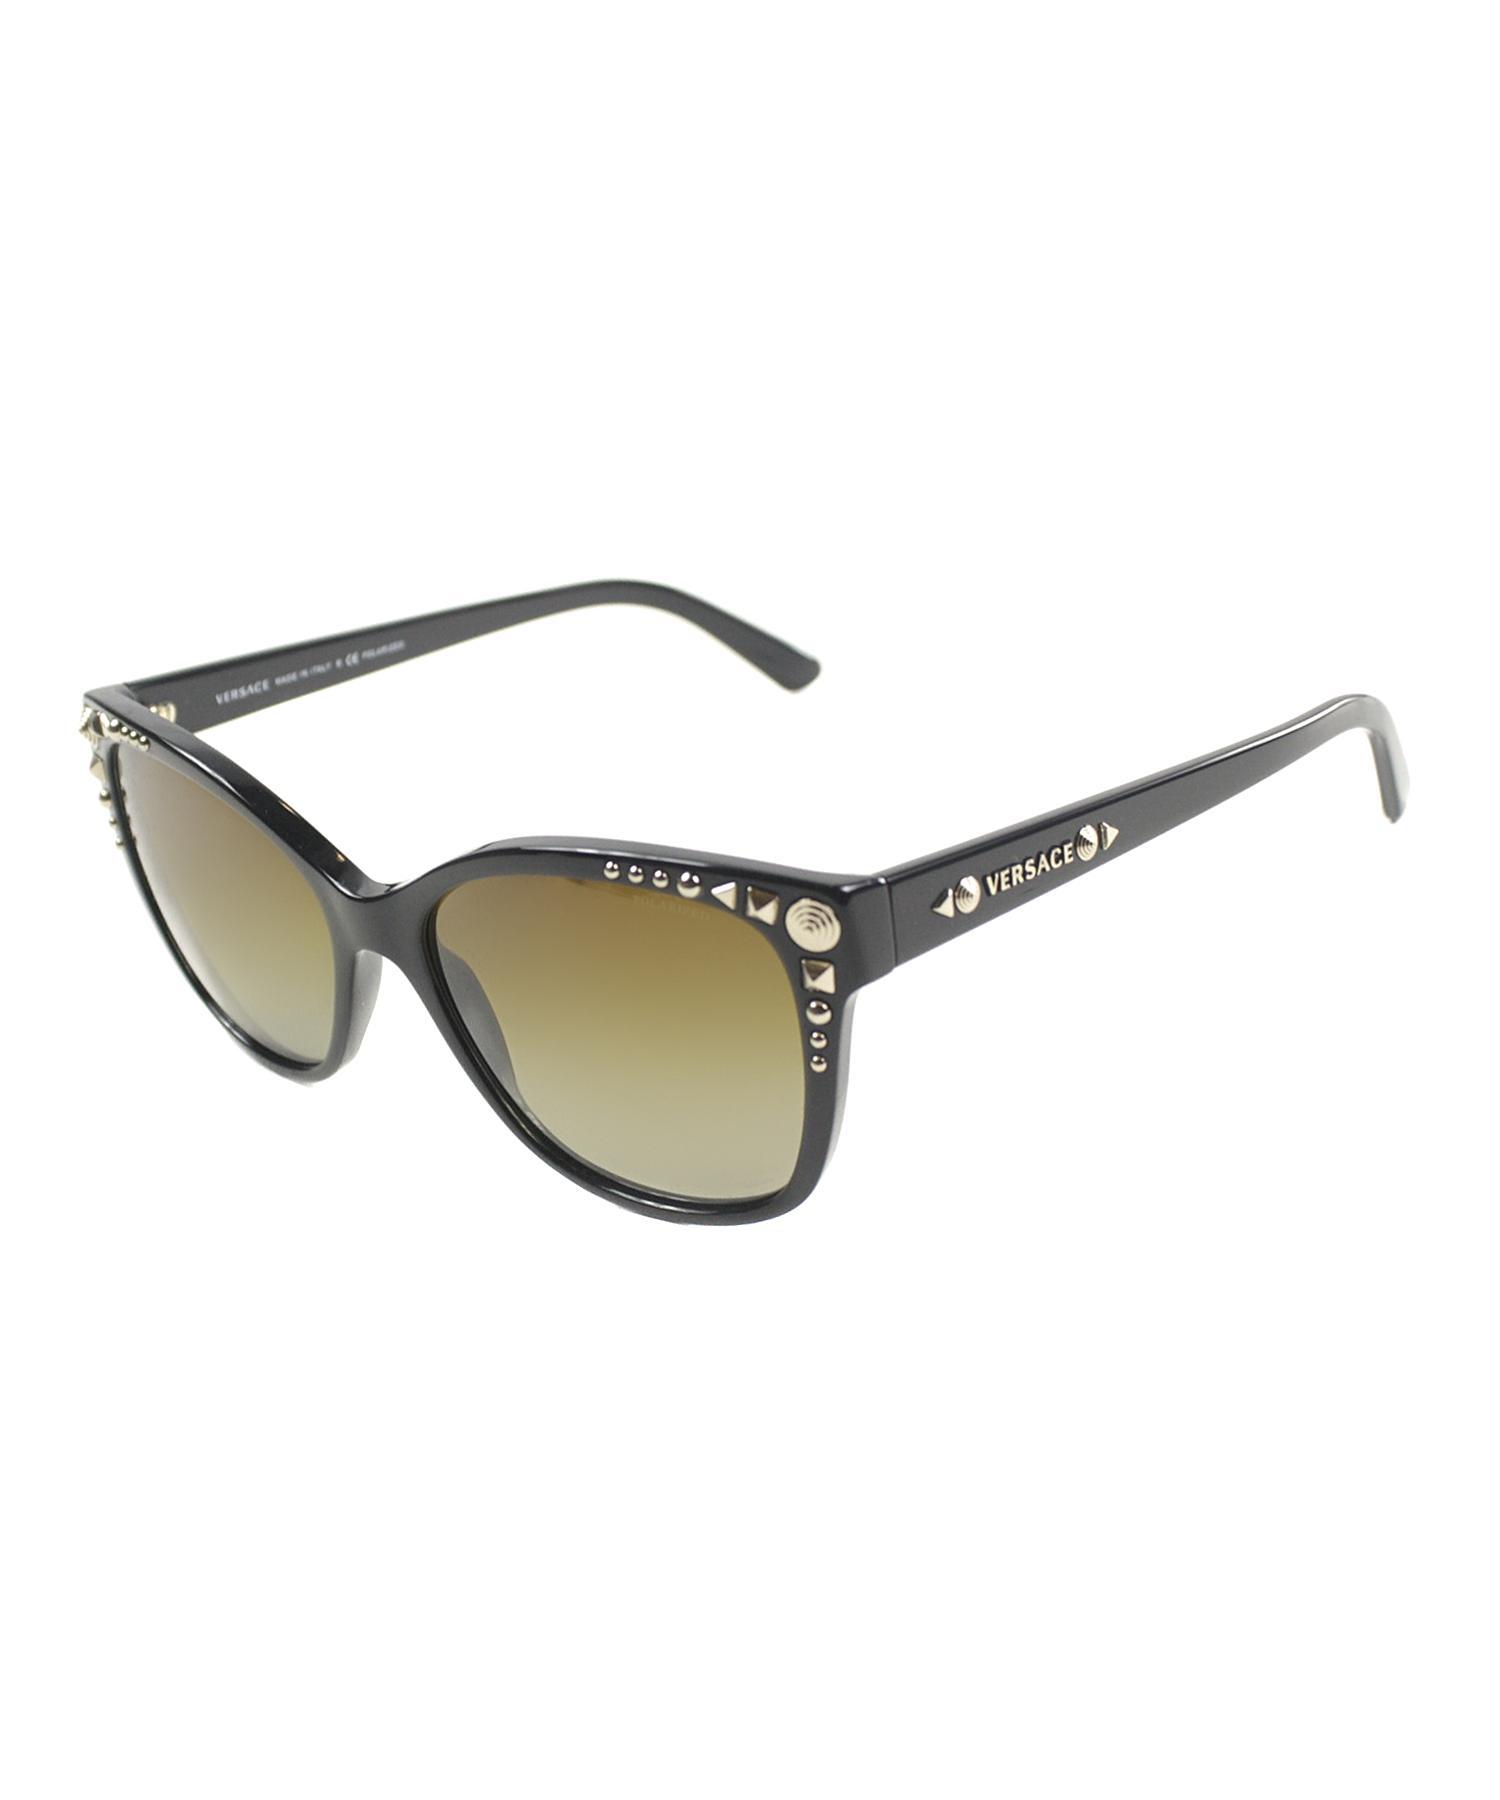 Versace Fashion Plastic Sunglasses in Black